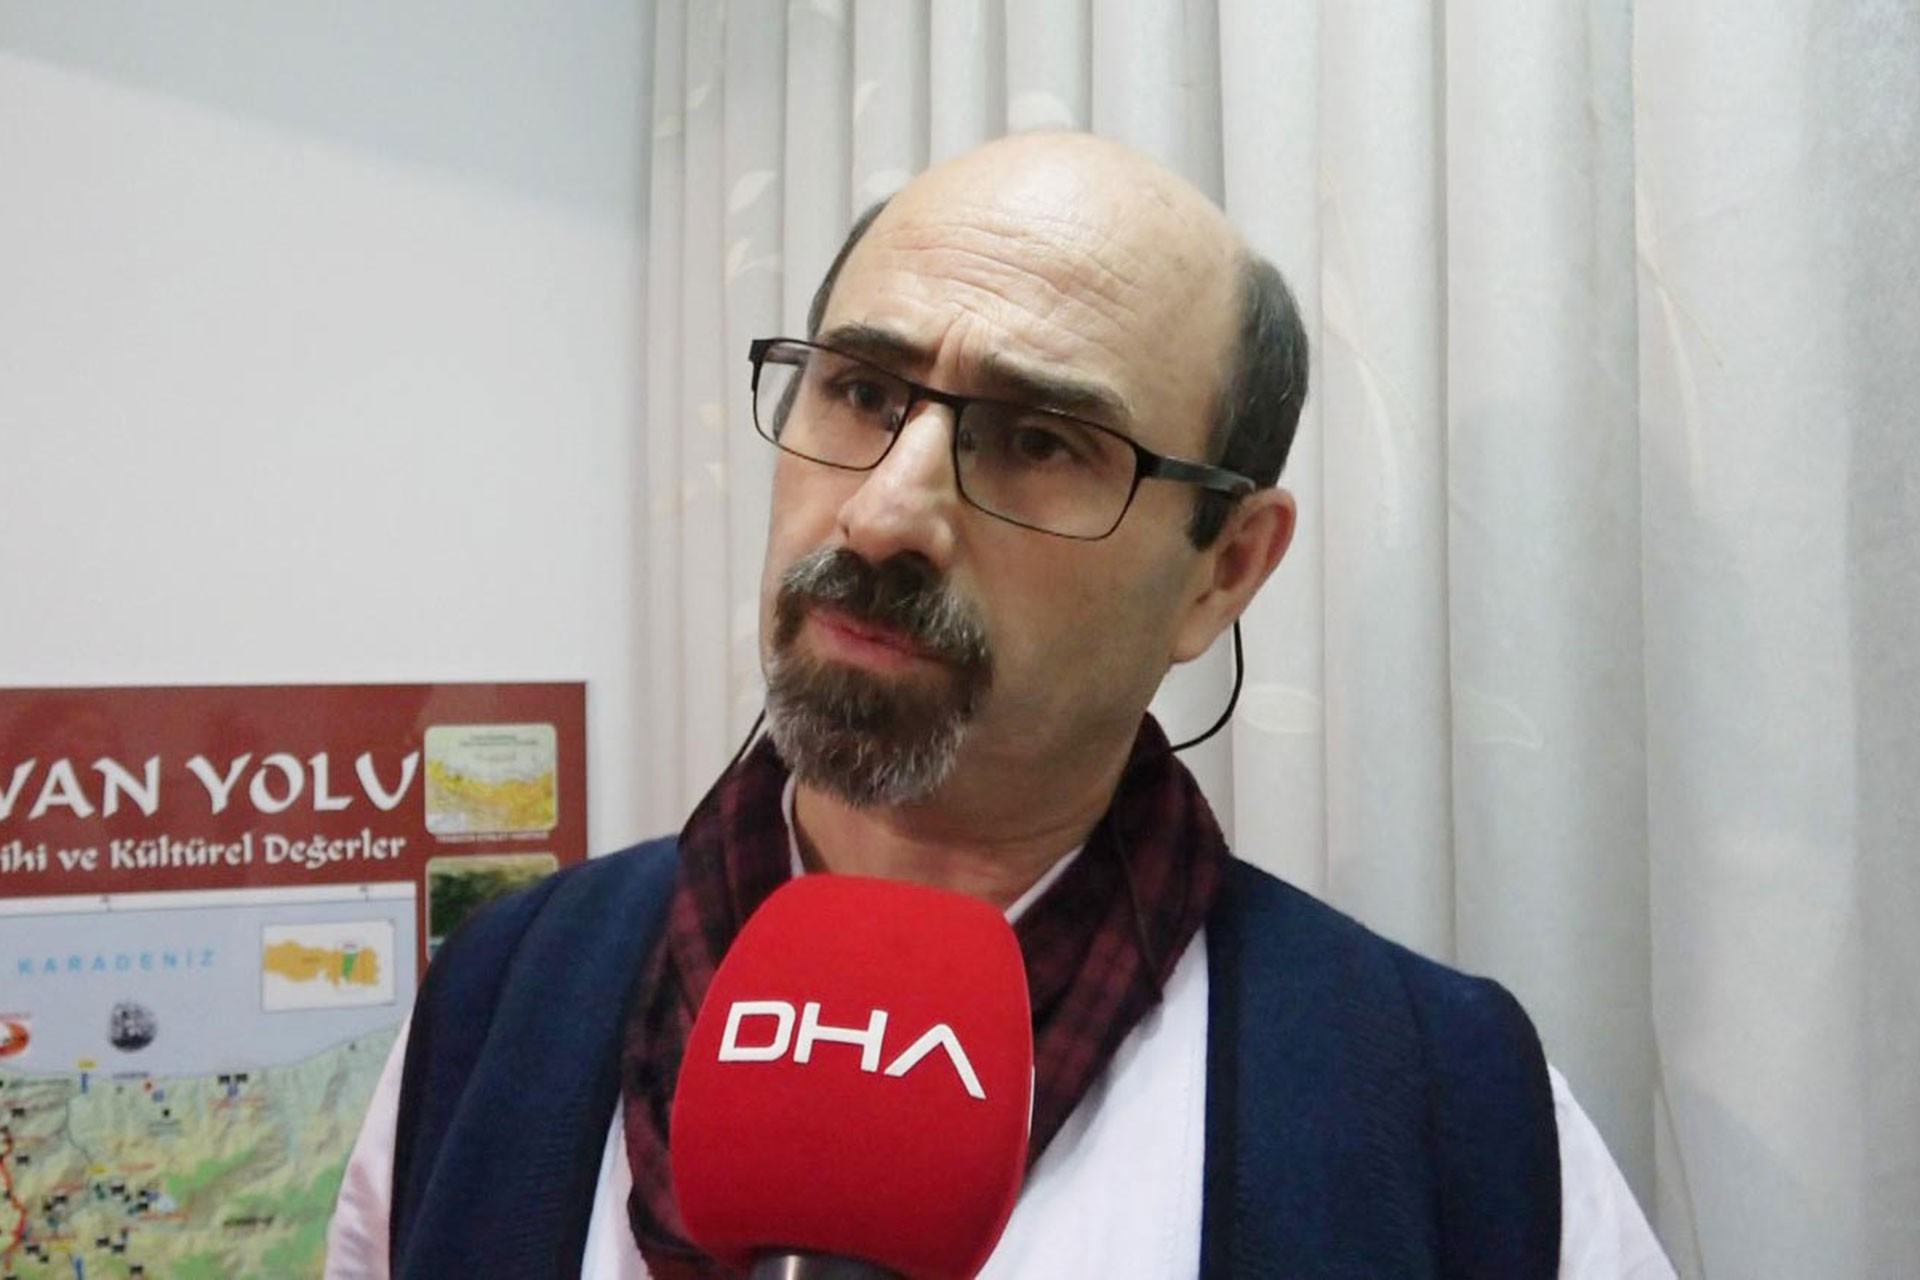 KTÜ Deniz Bilimleri Fakültesi Öğretim Üyesi ve Doğal ve Tarihi Değerleri Koruma Derneği Başkanı Doç. Dr. Coşkun Eruz